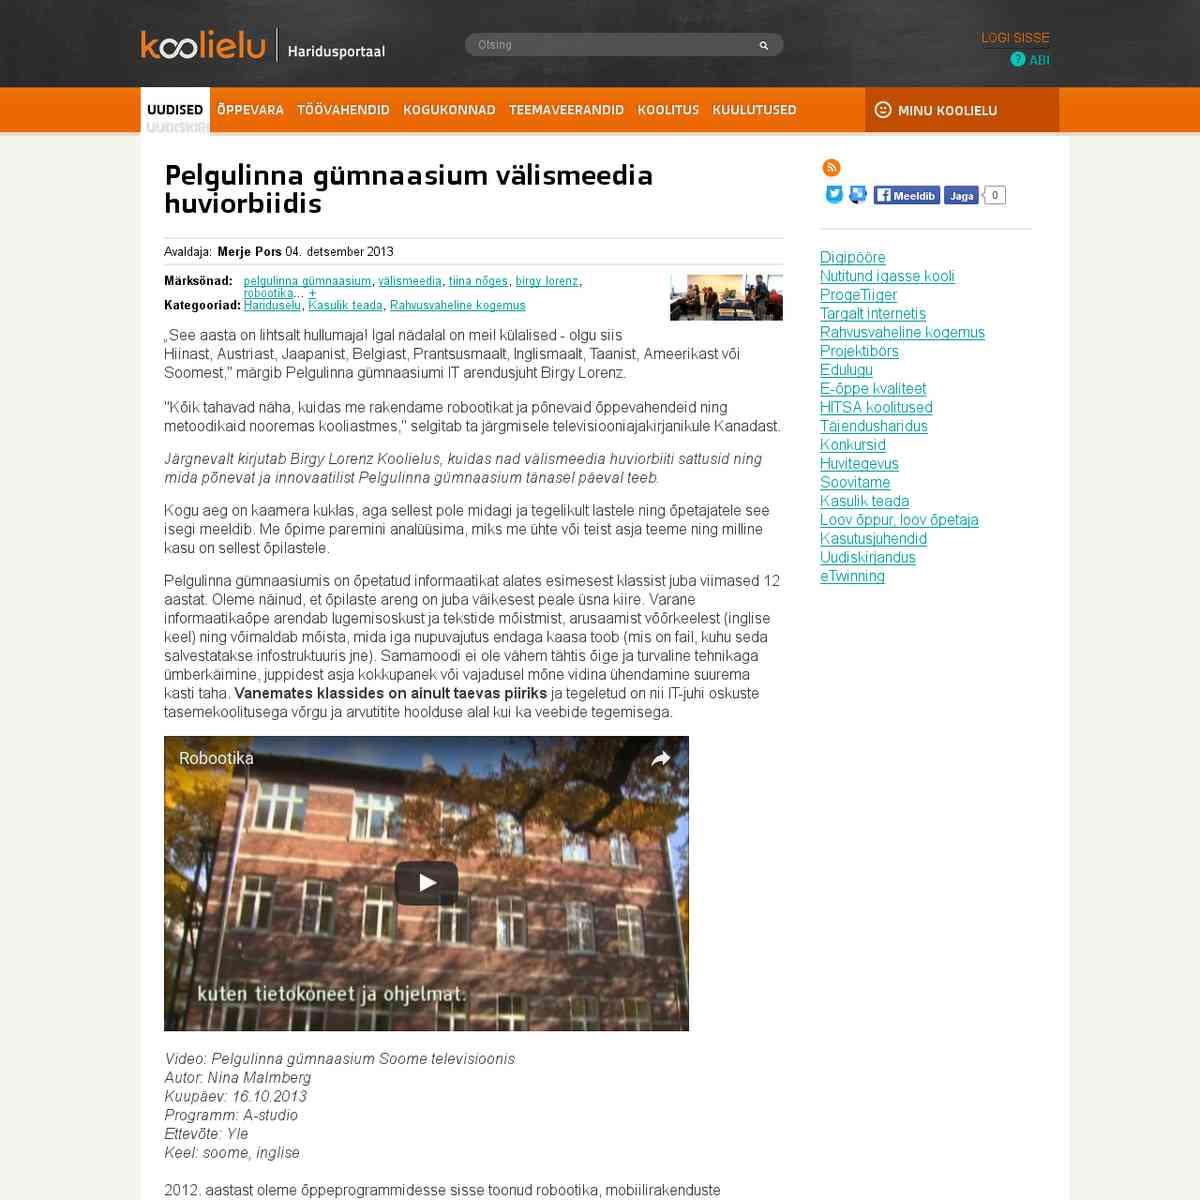 Pelgulinna gümnaasium välismeedia huviorbiidis : Koolielu